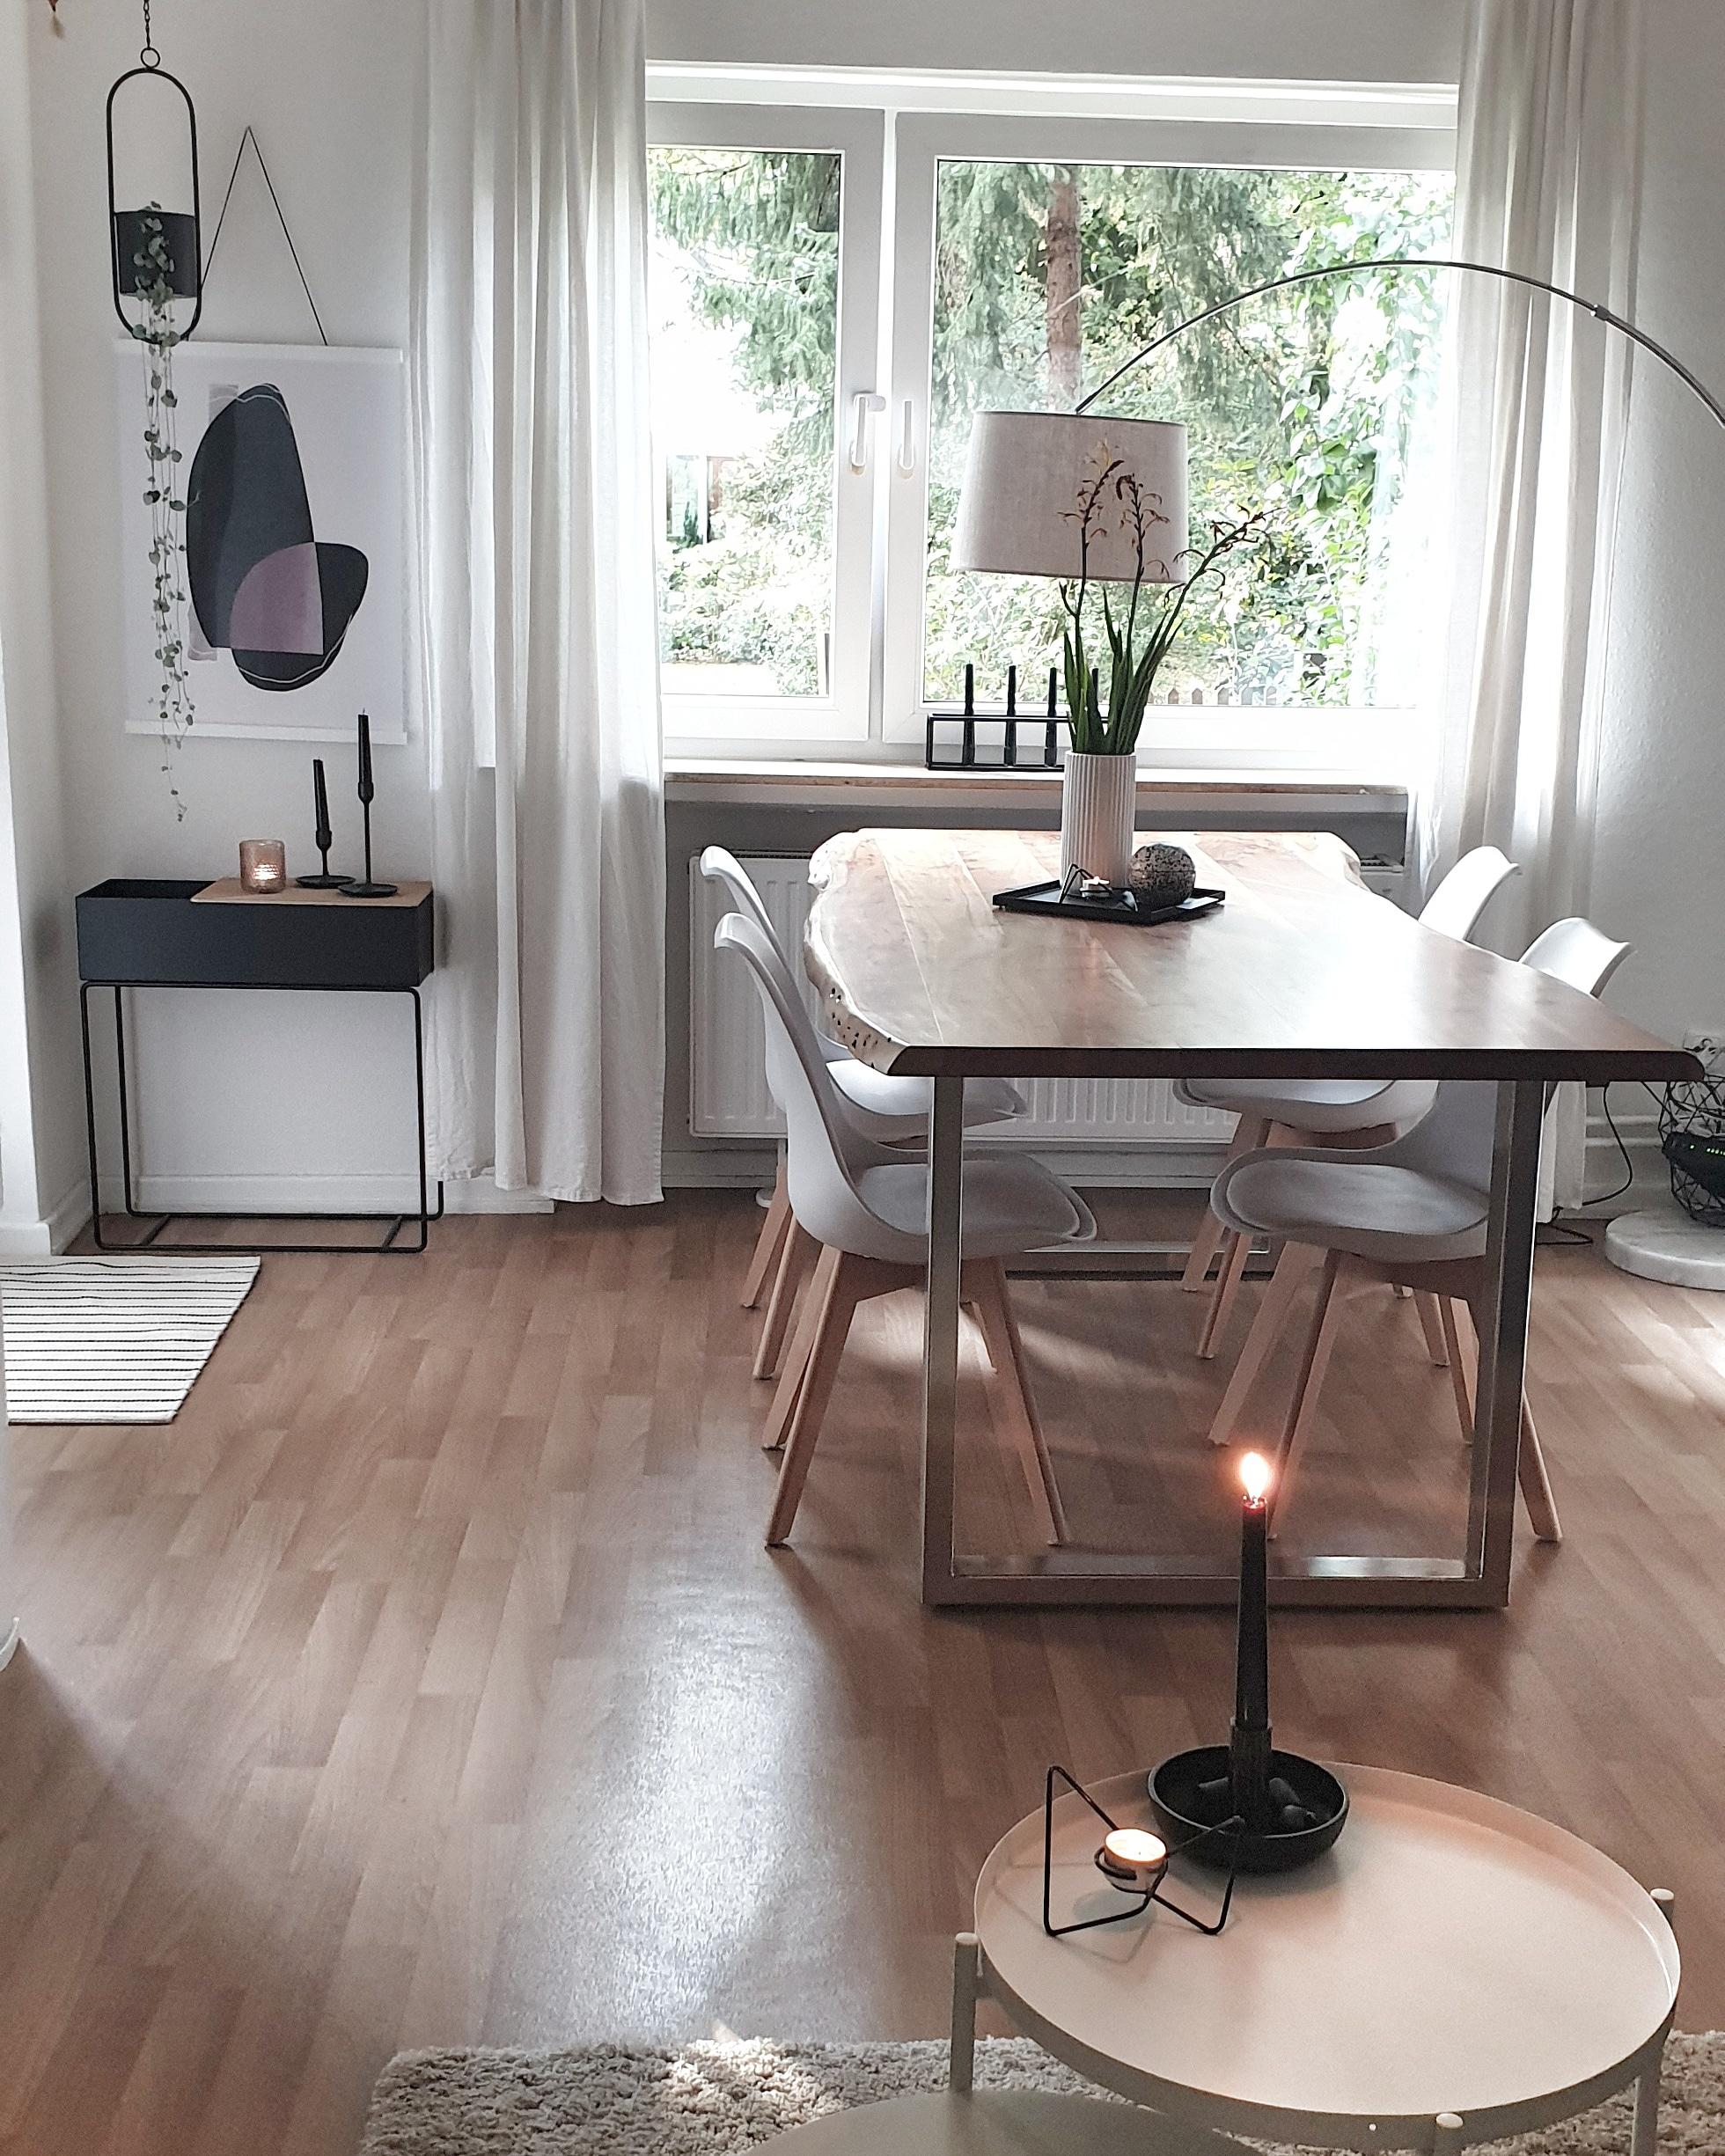 Wohnen, Pflanze, Naturholz, Weiß, Skandinavisch, Dekoration, Tisch, Stuhl